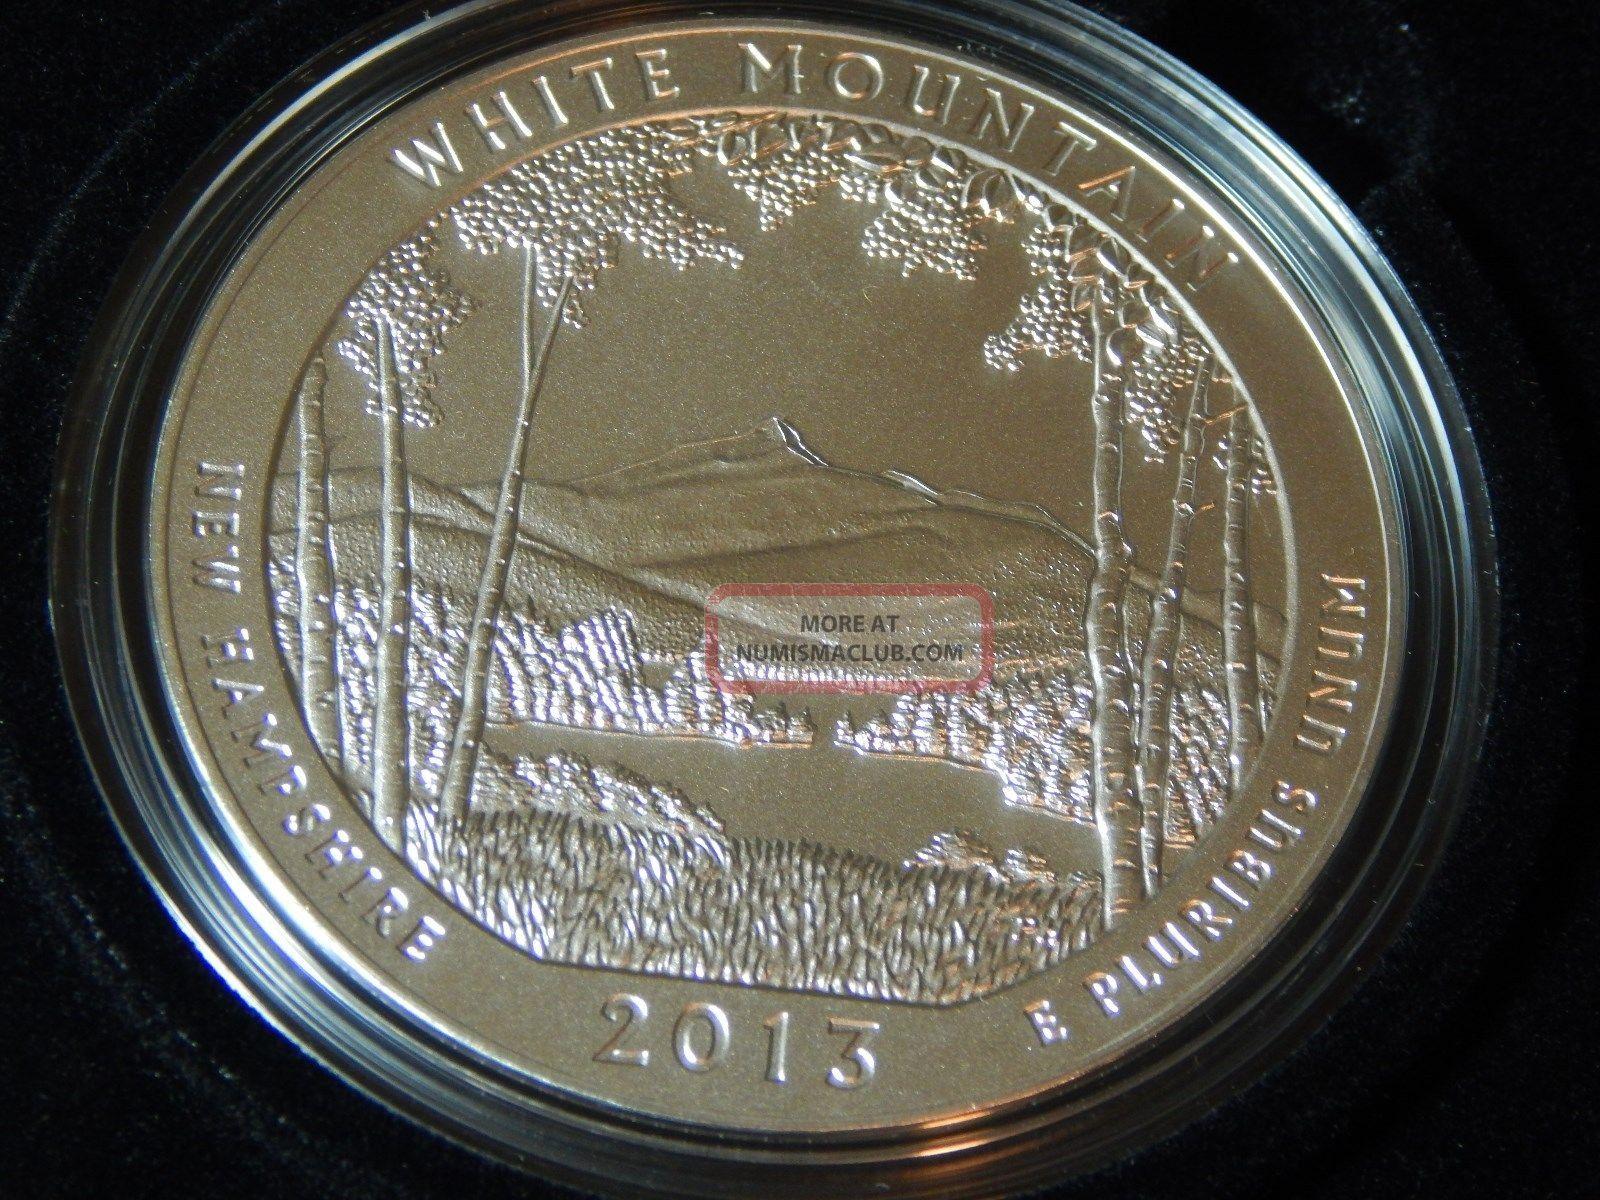 2013 P White Mountain Hampshireamerica The 5oz Silver Us Mintbox & Silver photo